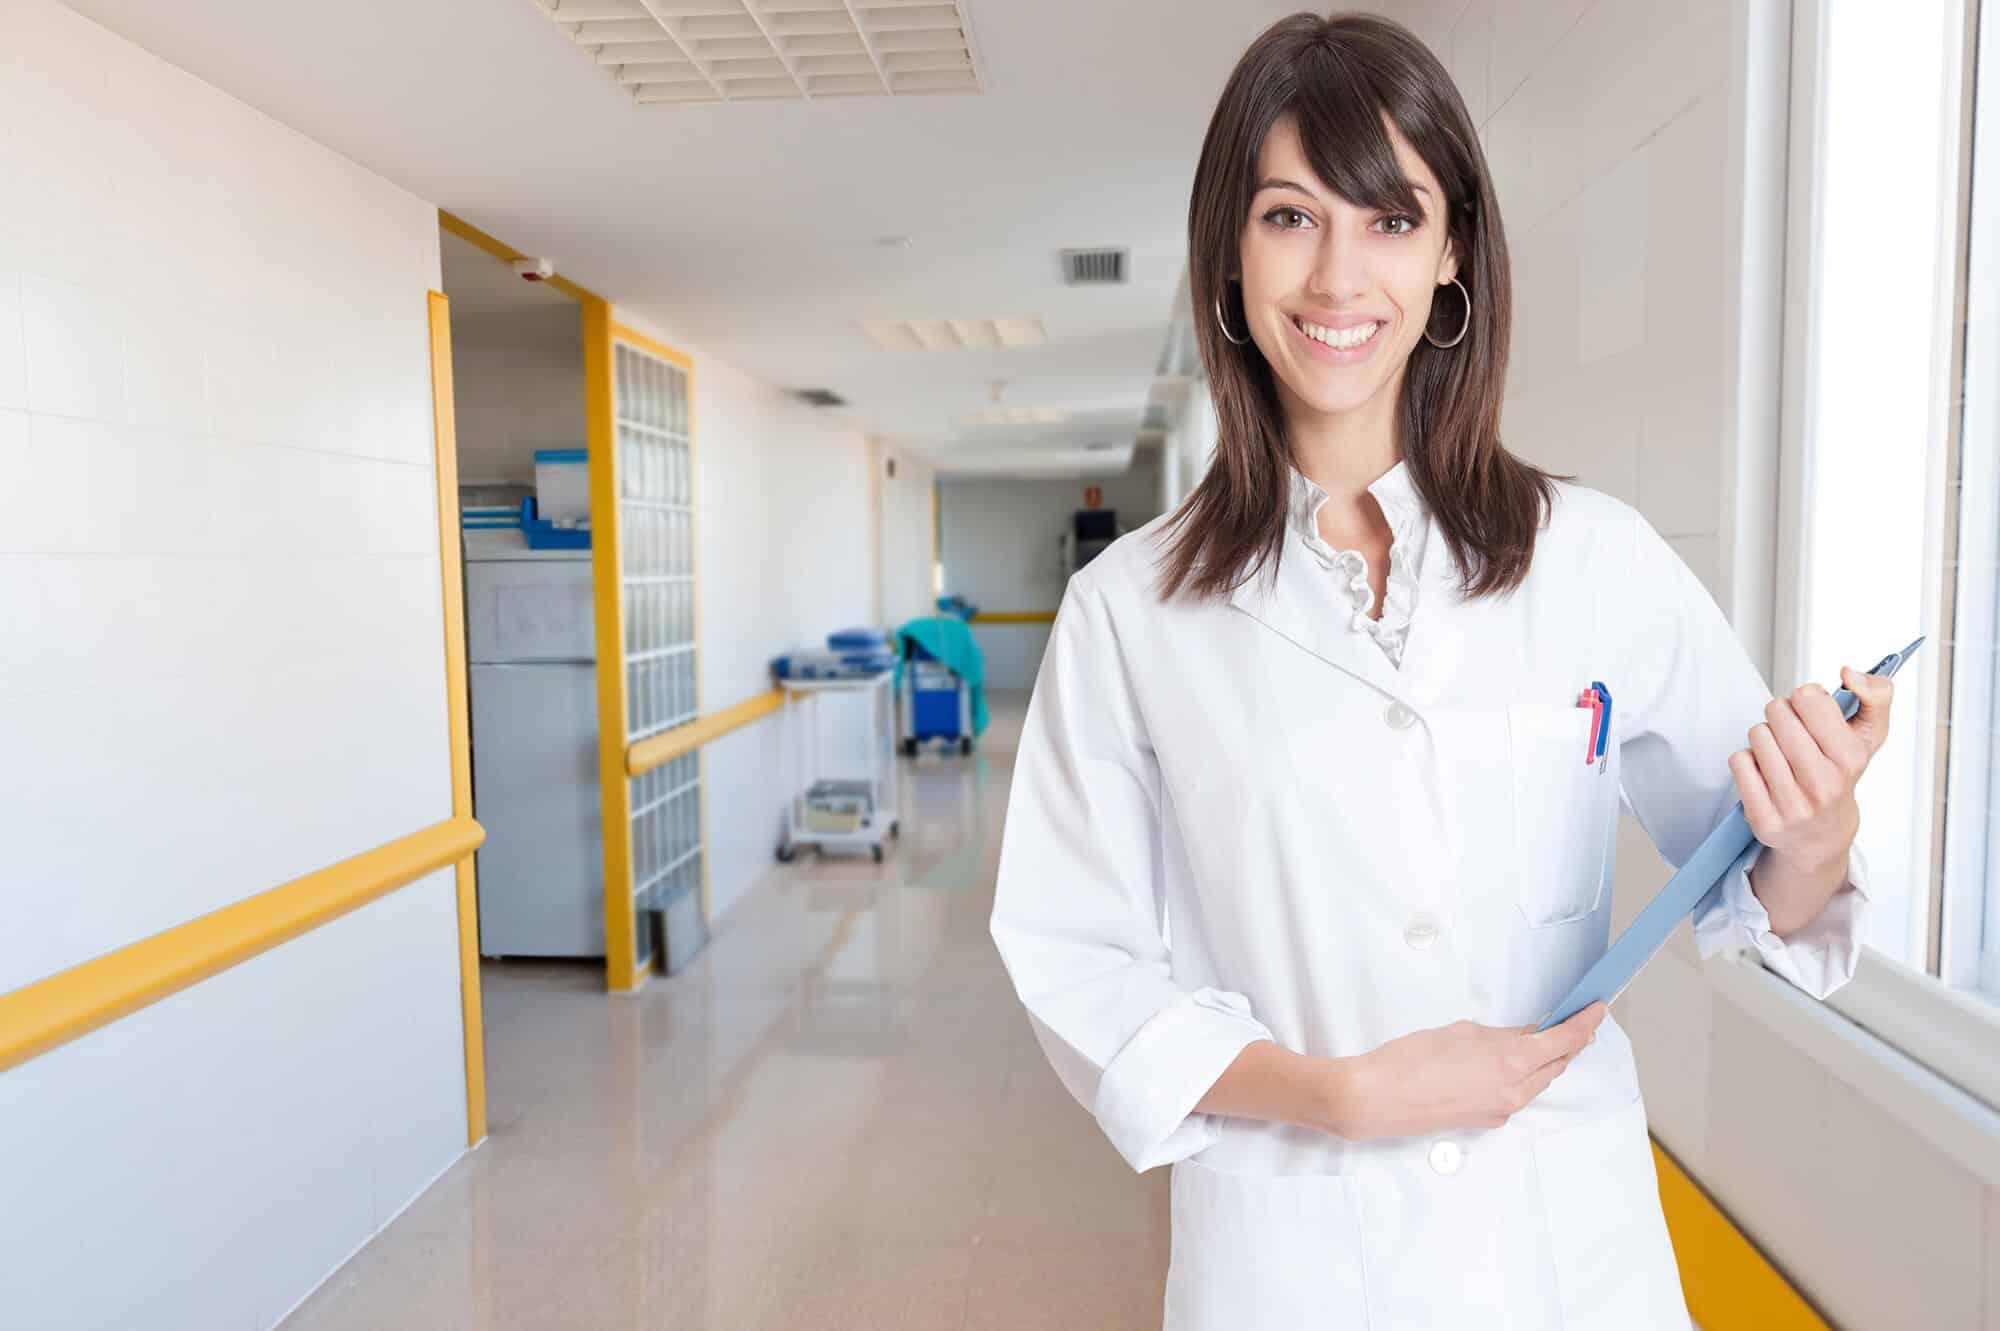 Mitarbeitern die Pflegedokumentation nahebringen – warum muss ich das alles dokumentieren?